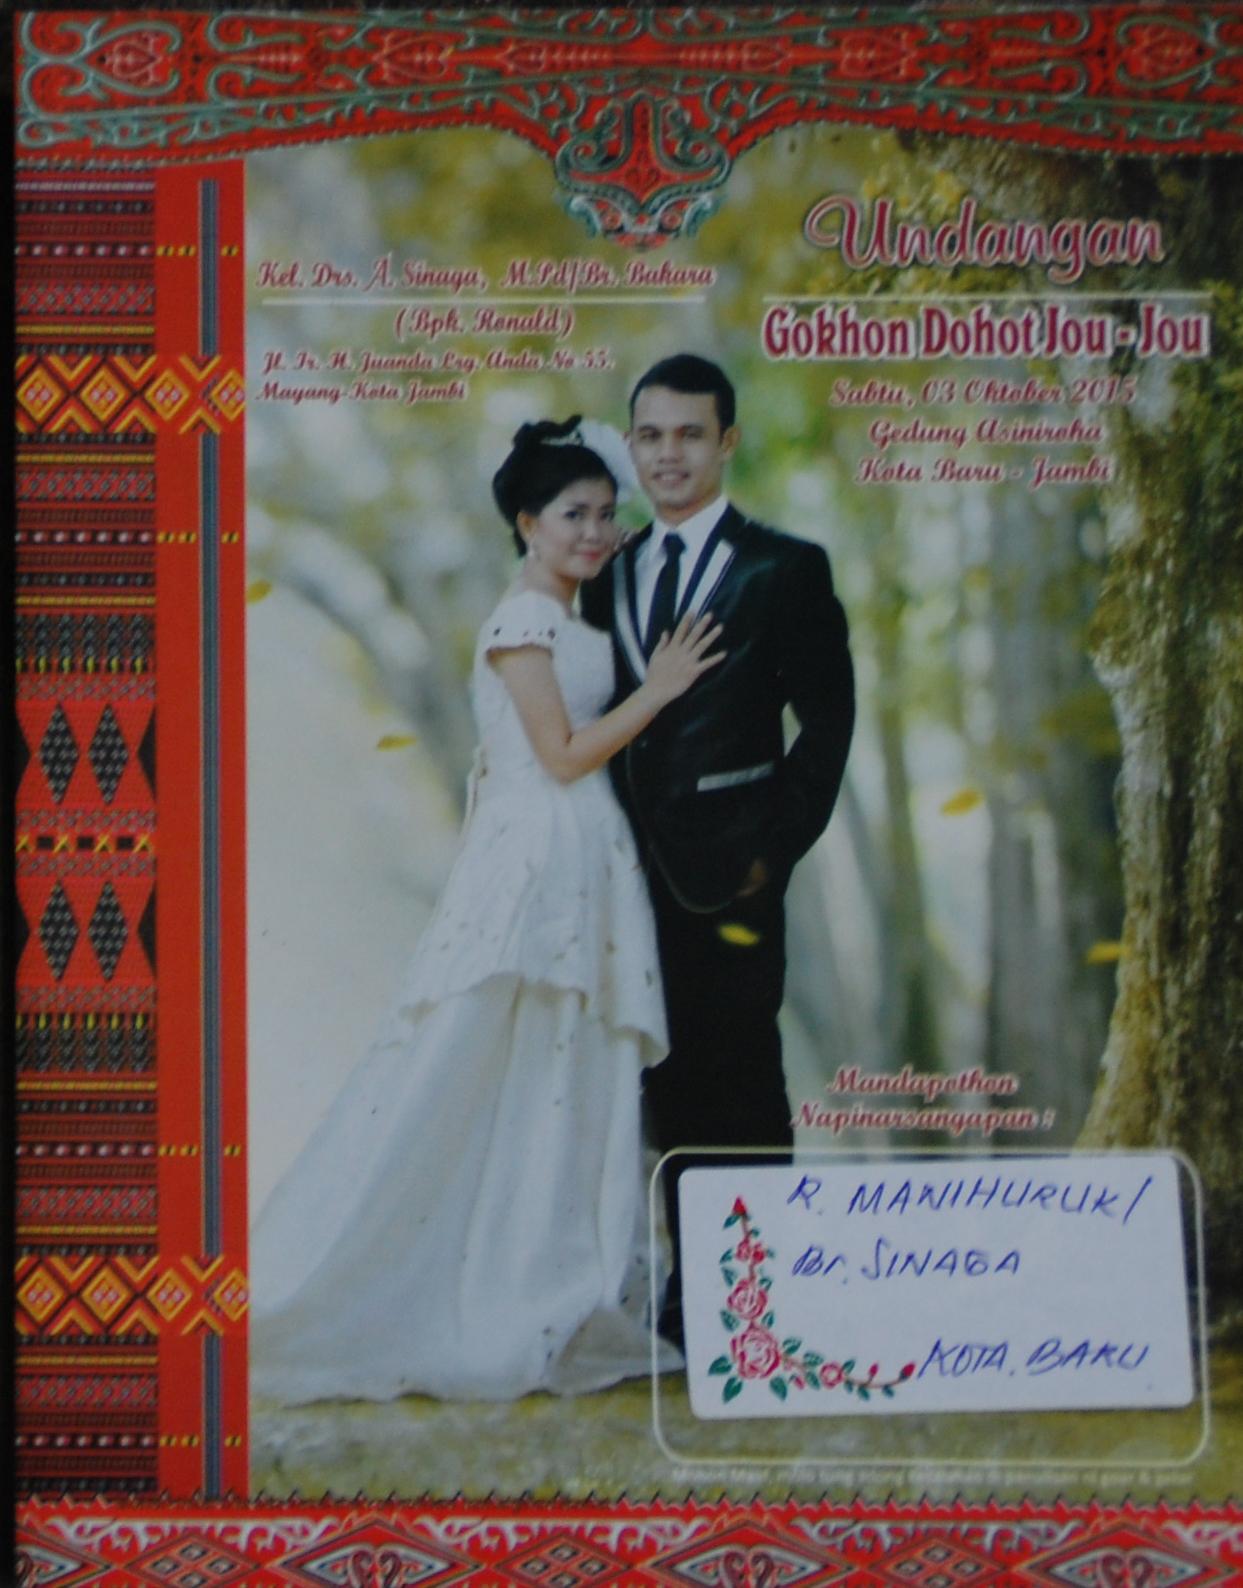 Undangan Pernikahan A Antonius Marojahan Sinaga Se Dengan Hariance